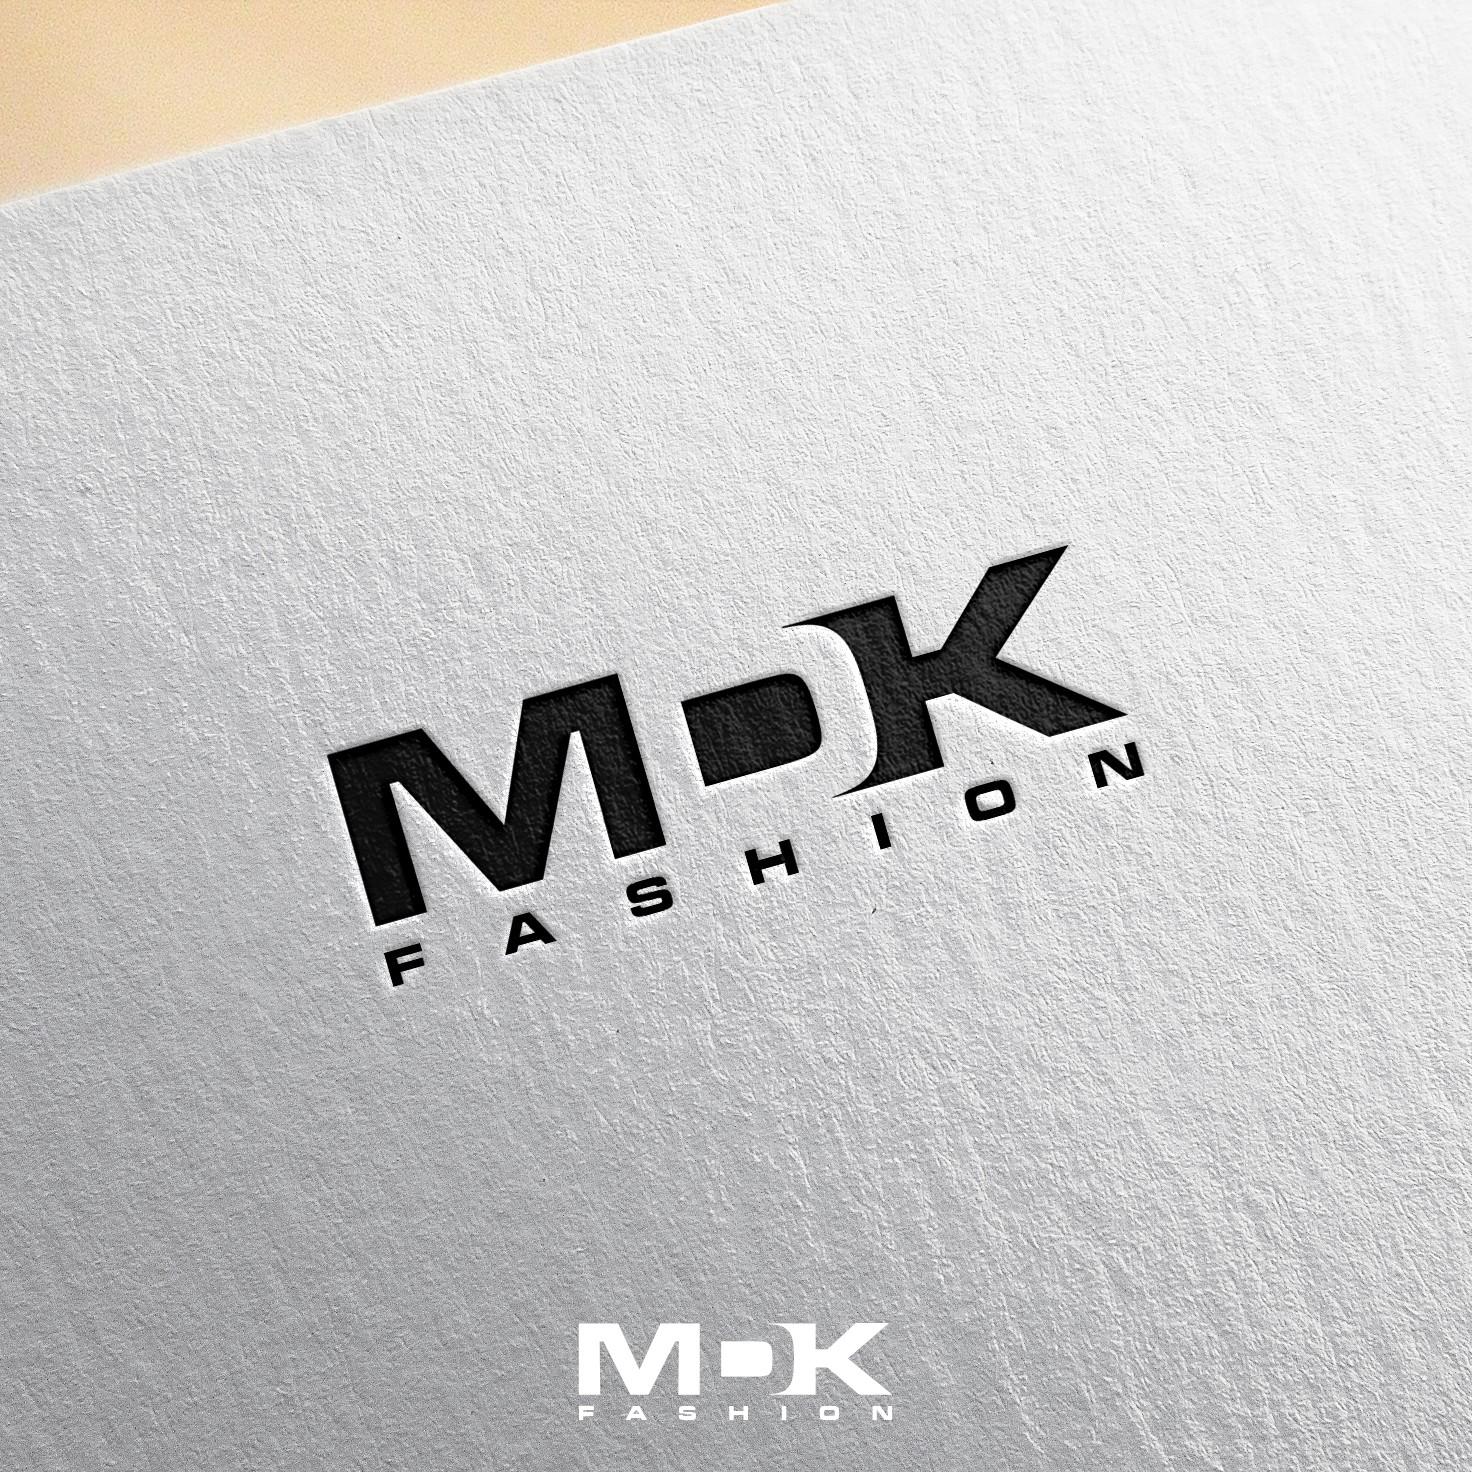 Design a logo for a women's apparel retailer/wholesaler